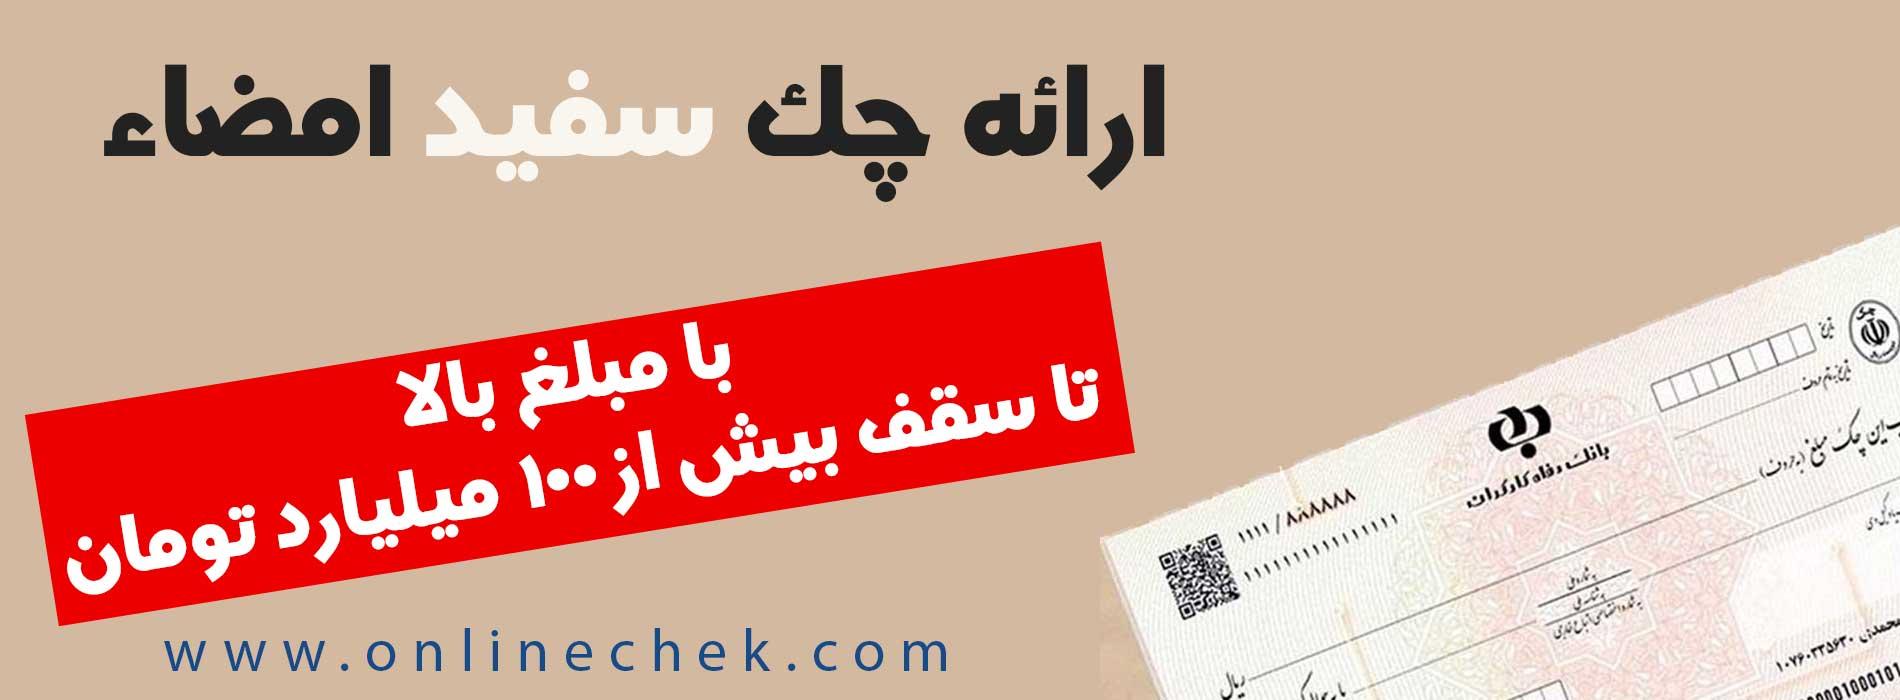 فروش چک سفید امضاء